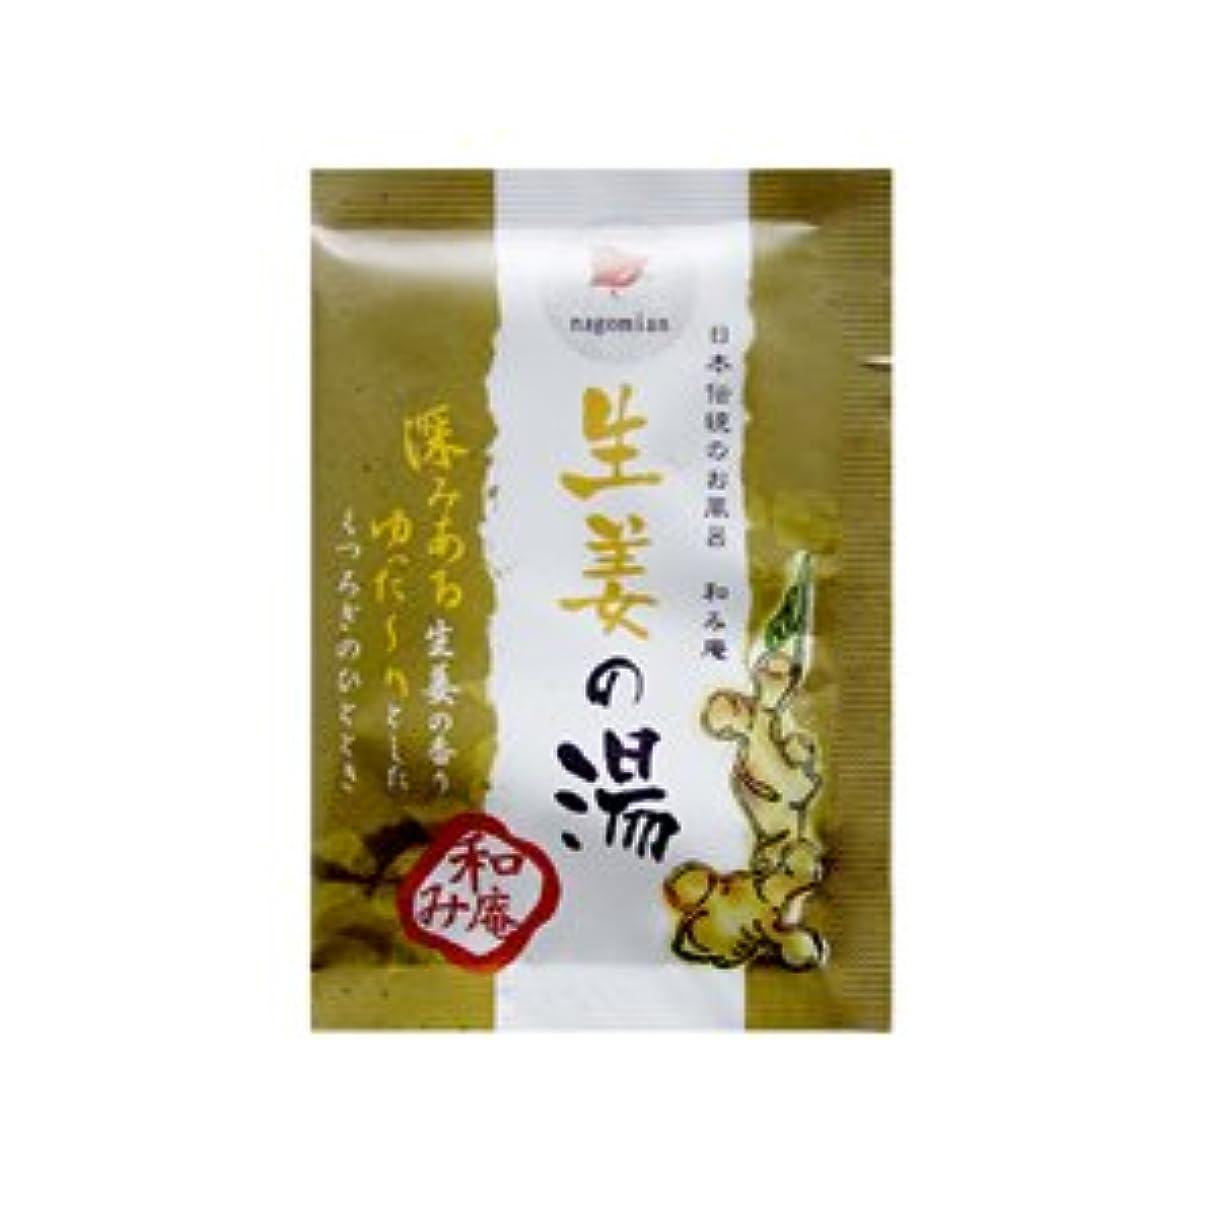 高度な声を出してギャップ日本伝統のお風呂 和み庵 生姜の湯 25g 5個セット